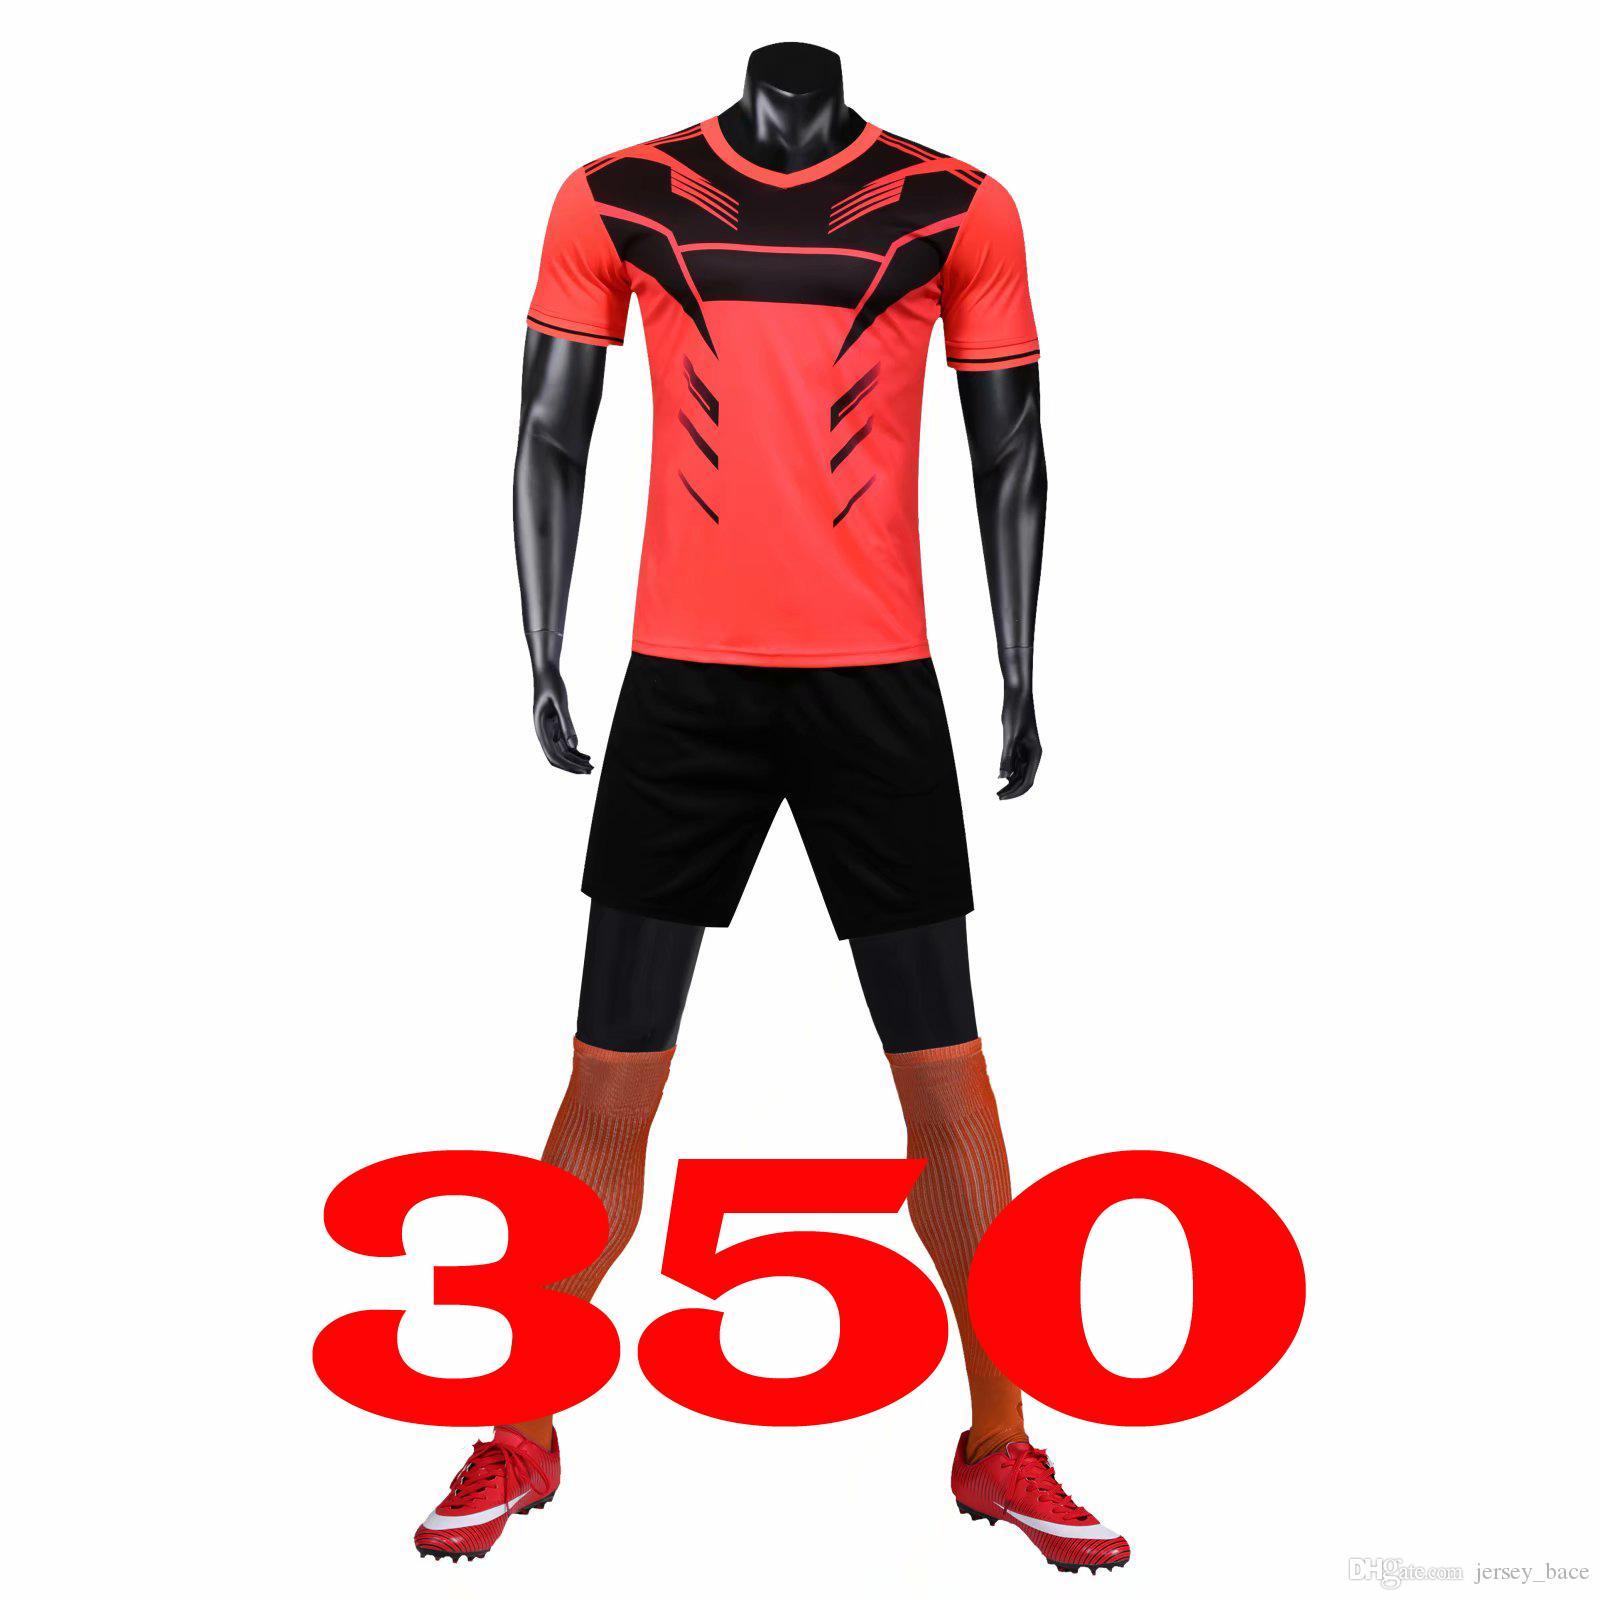 Vêtements de sport Vêtements de badminton Chemises hommes Golf T-shirt tennis de table rapide Chemises kits à sec Respirant formation sport 350